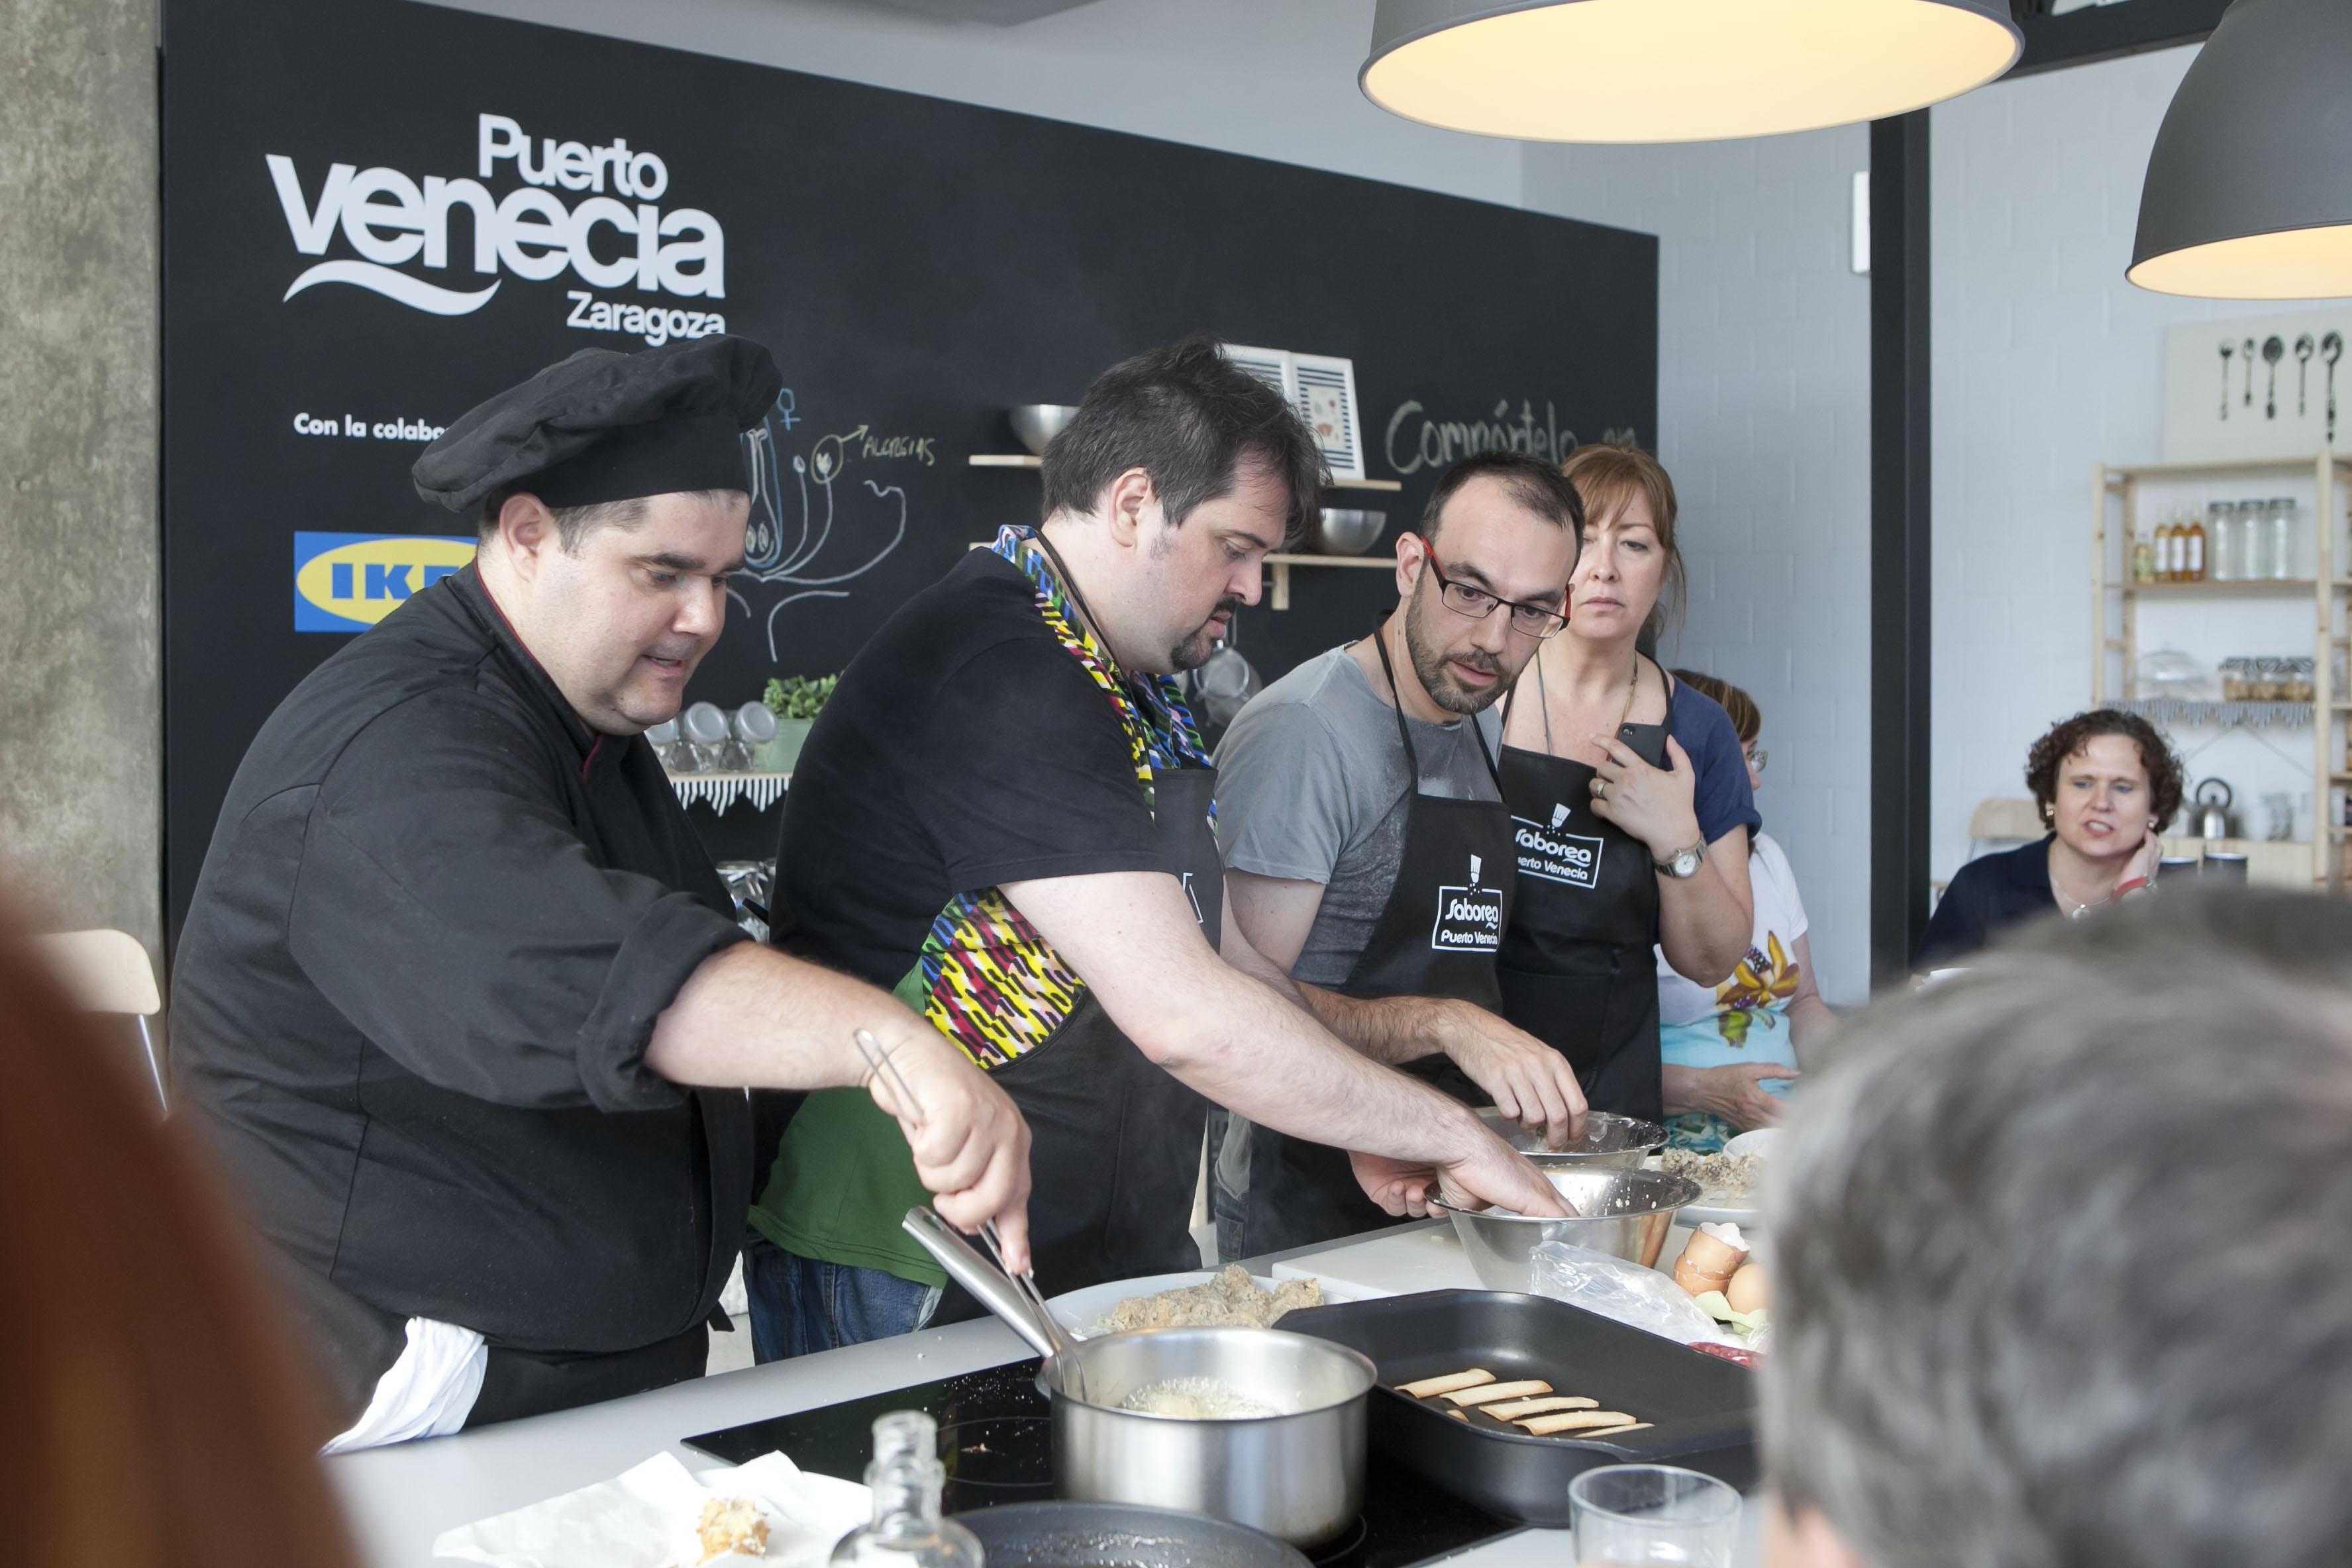 Escuela De Cocina Zaragoza | Saborea Puerto Venecia Taller De Tapas Con Hugo Lopez De La